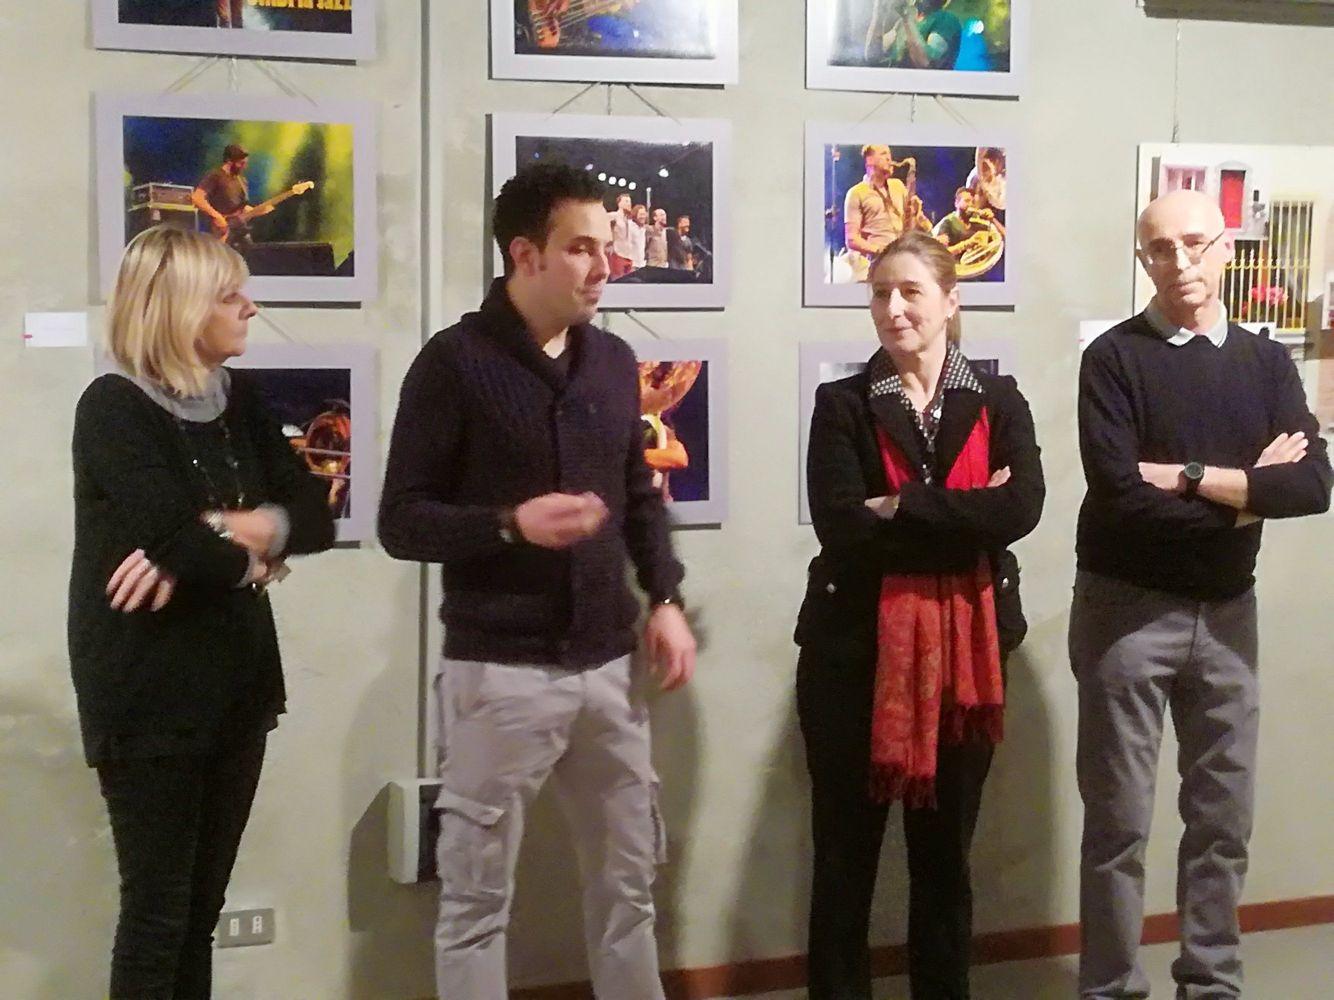 L'assessore alla cultura Adele Fagnani, il presidente del Circolo  Claudia Sala e al suo fianco i due responsabili  della sezione fotografia: Marco Crippa e Daniele Locati